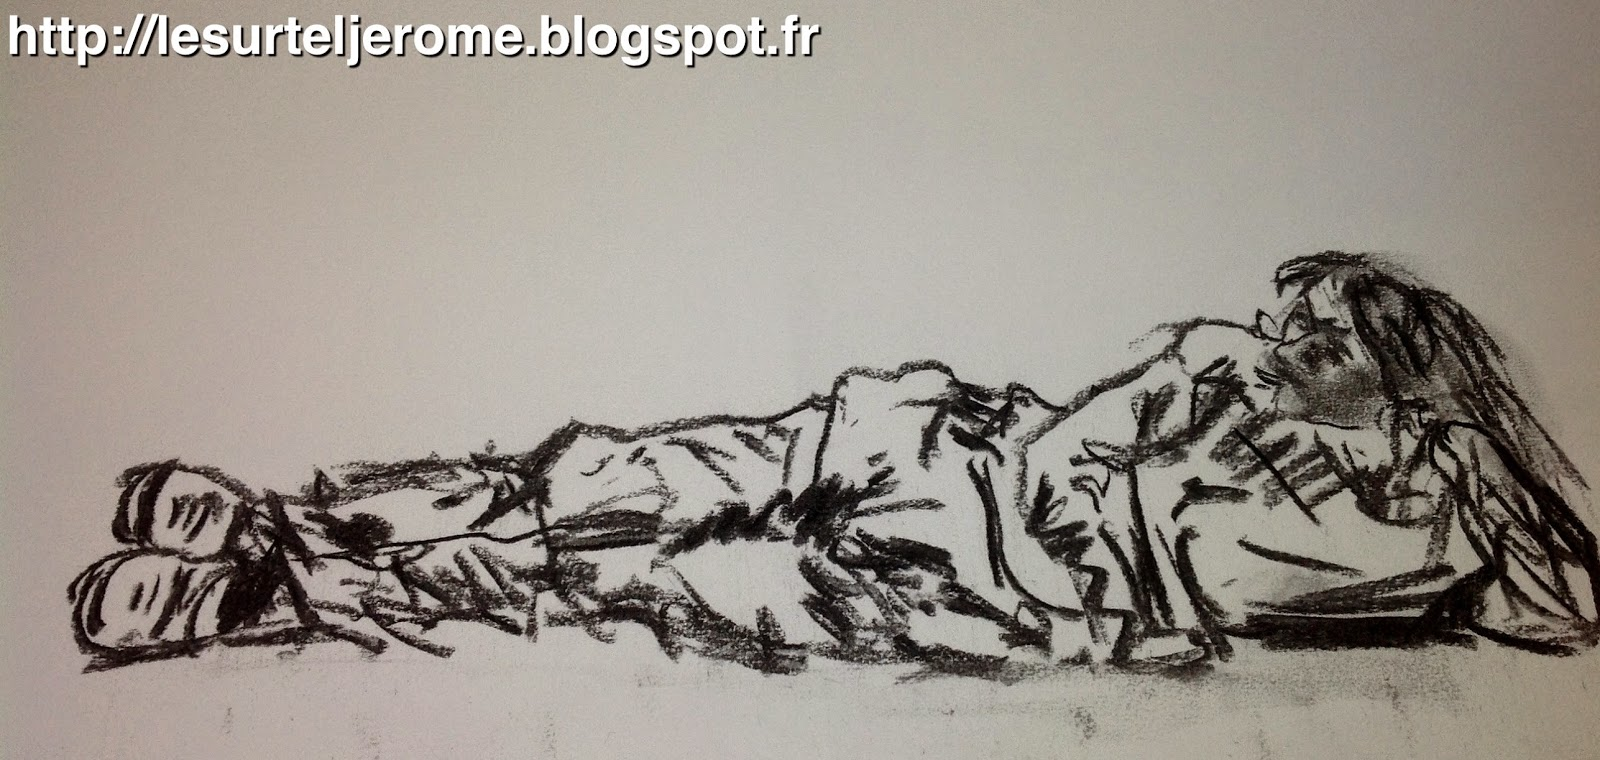 http://lesurteljerome.blogspot.fr/